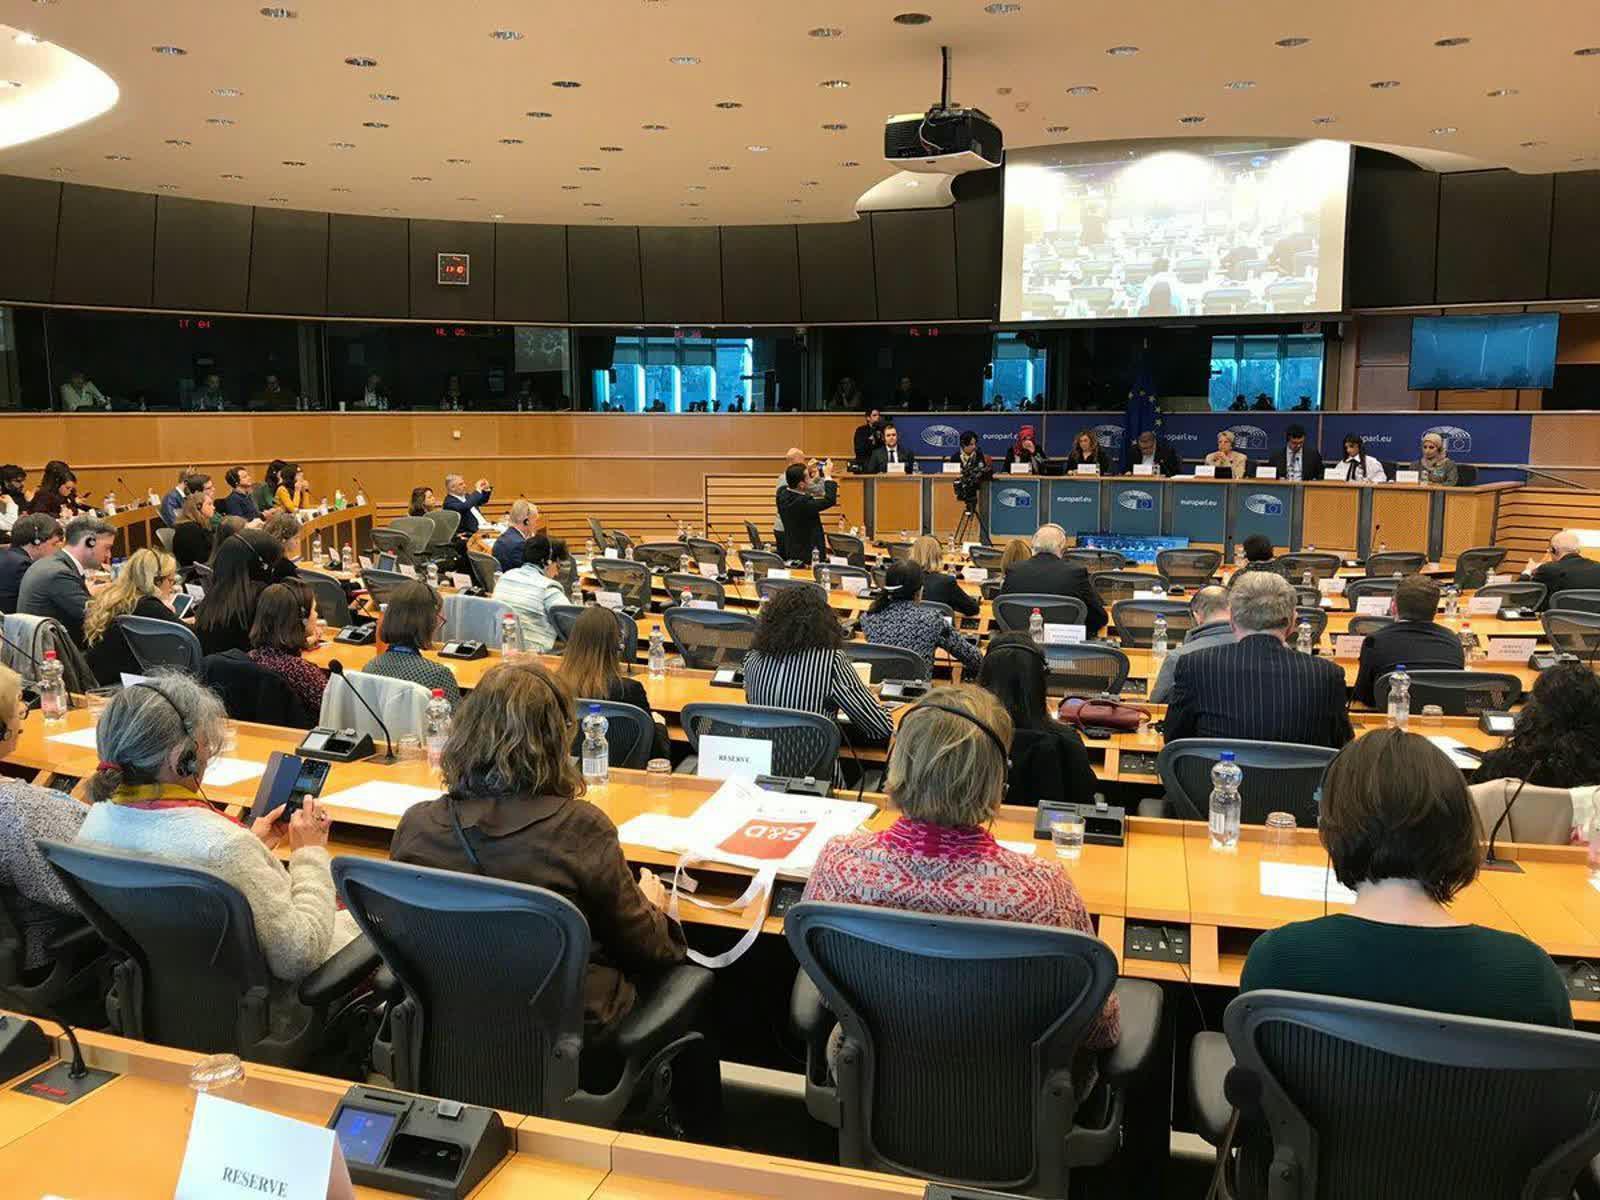 نشست حقوق بشر اتحادیه اروپا در مورد بحرین